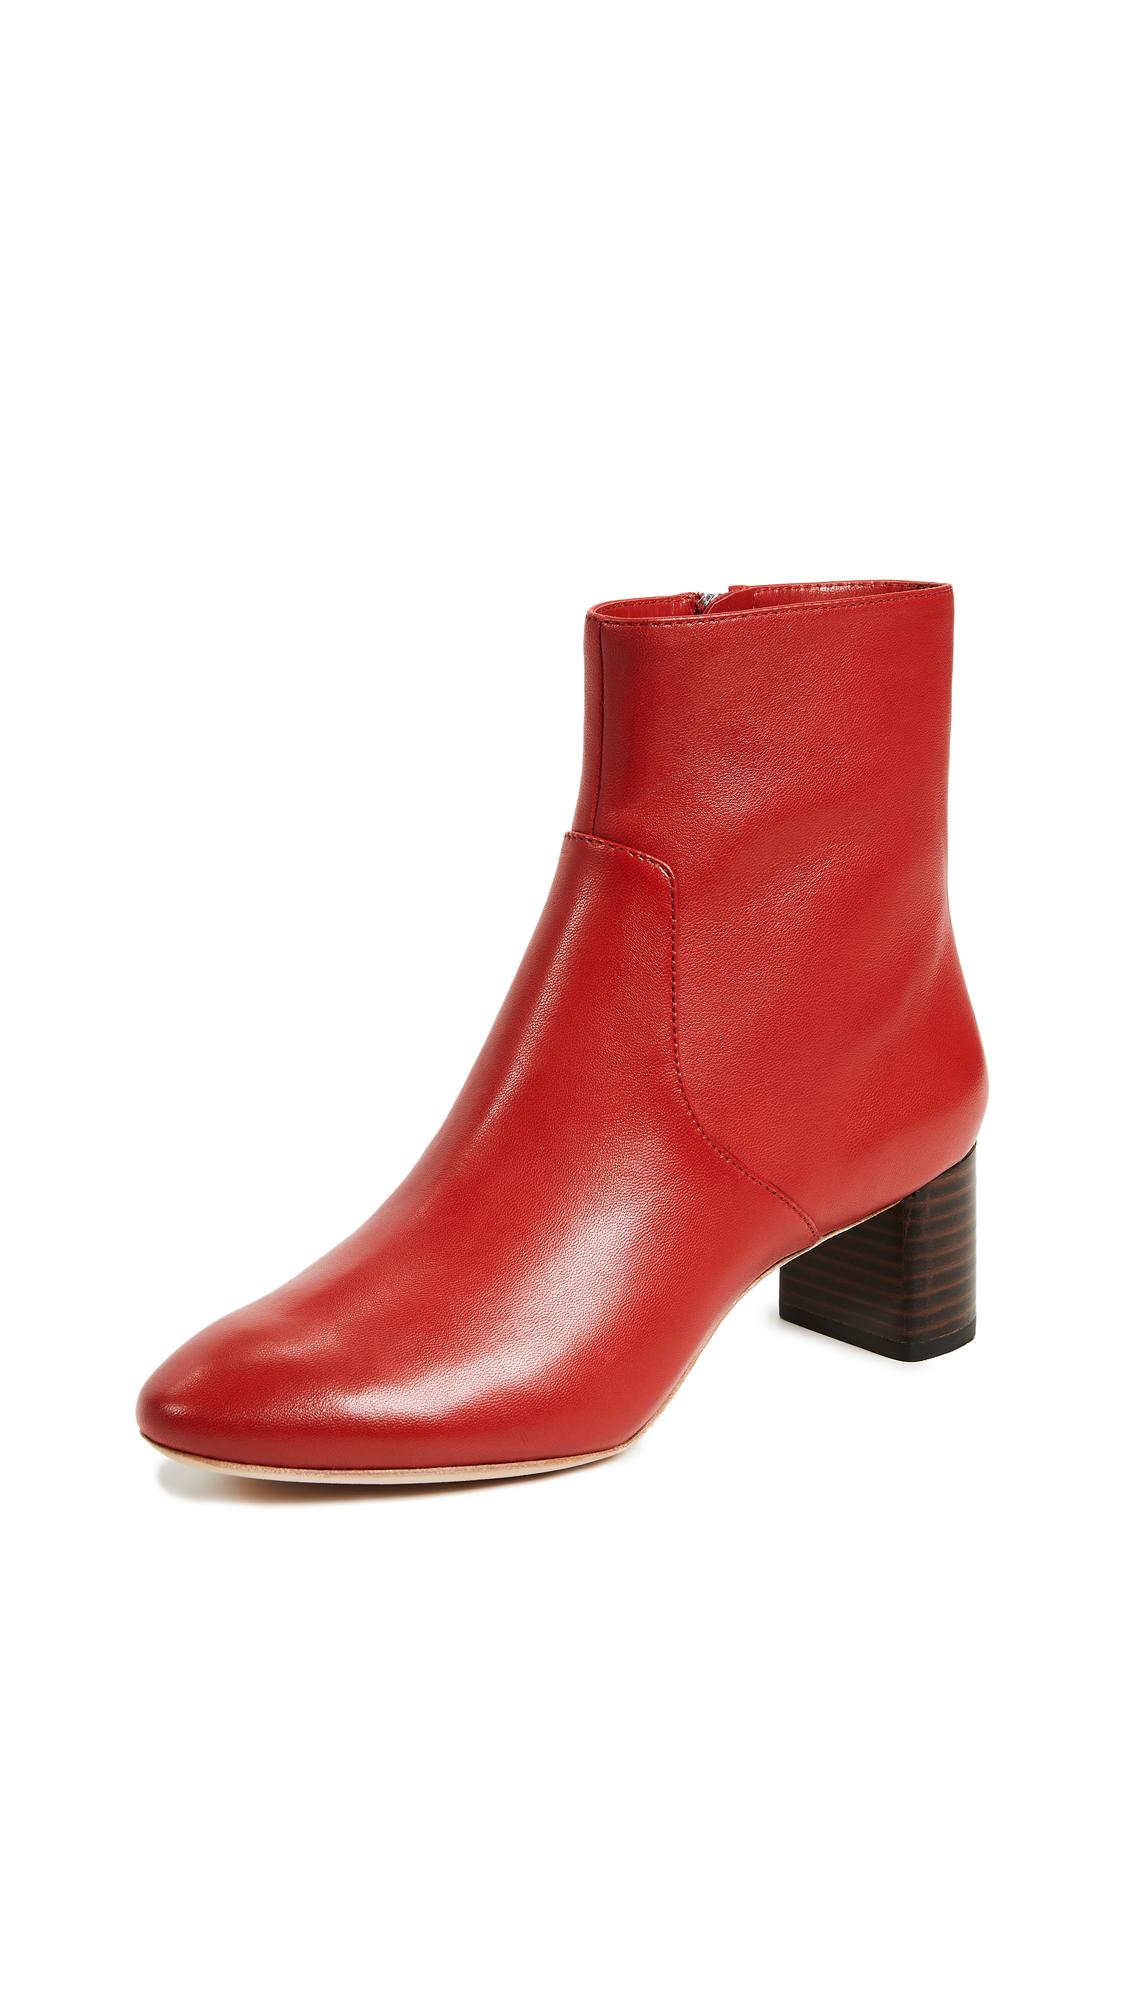 Loeffler Randall Gema Boots - Cherry Red